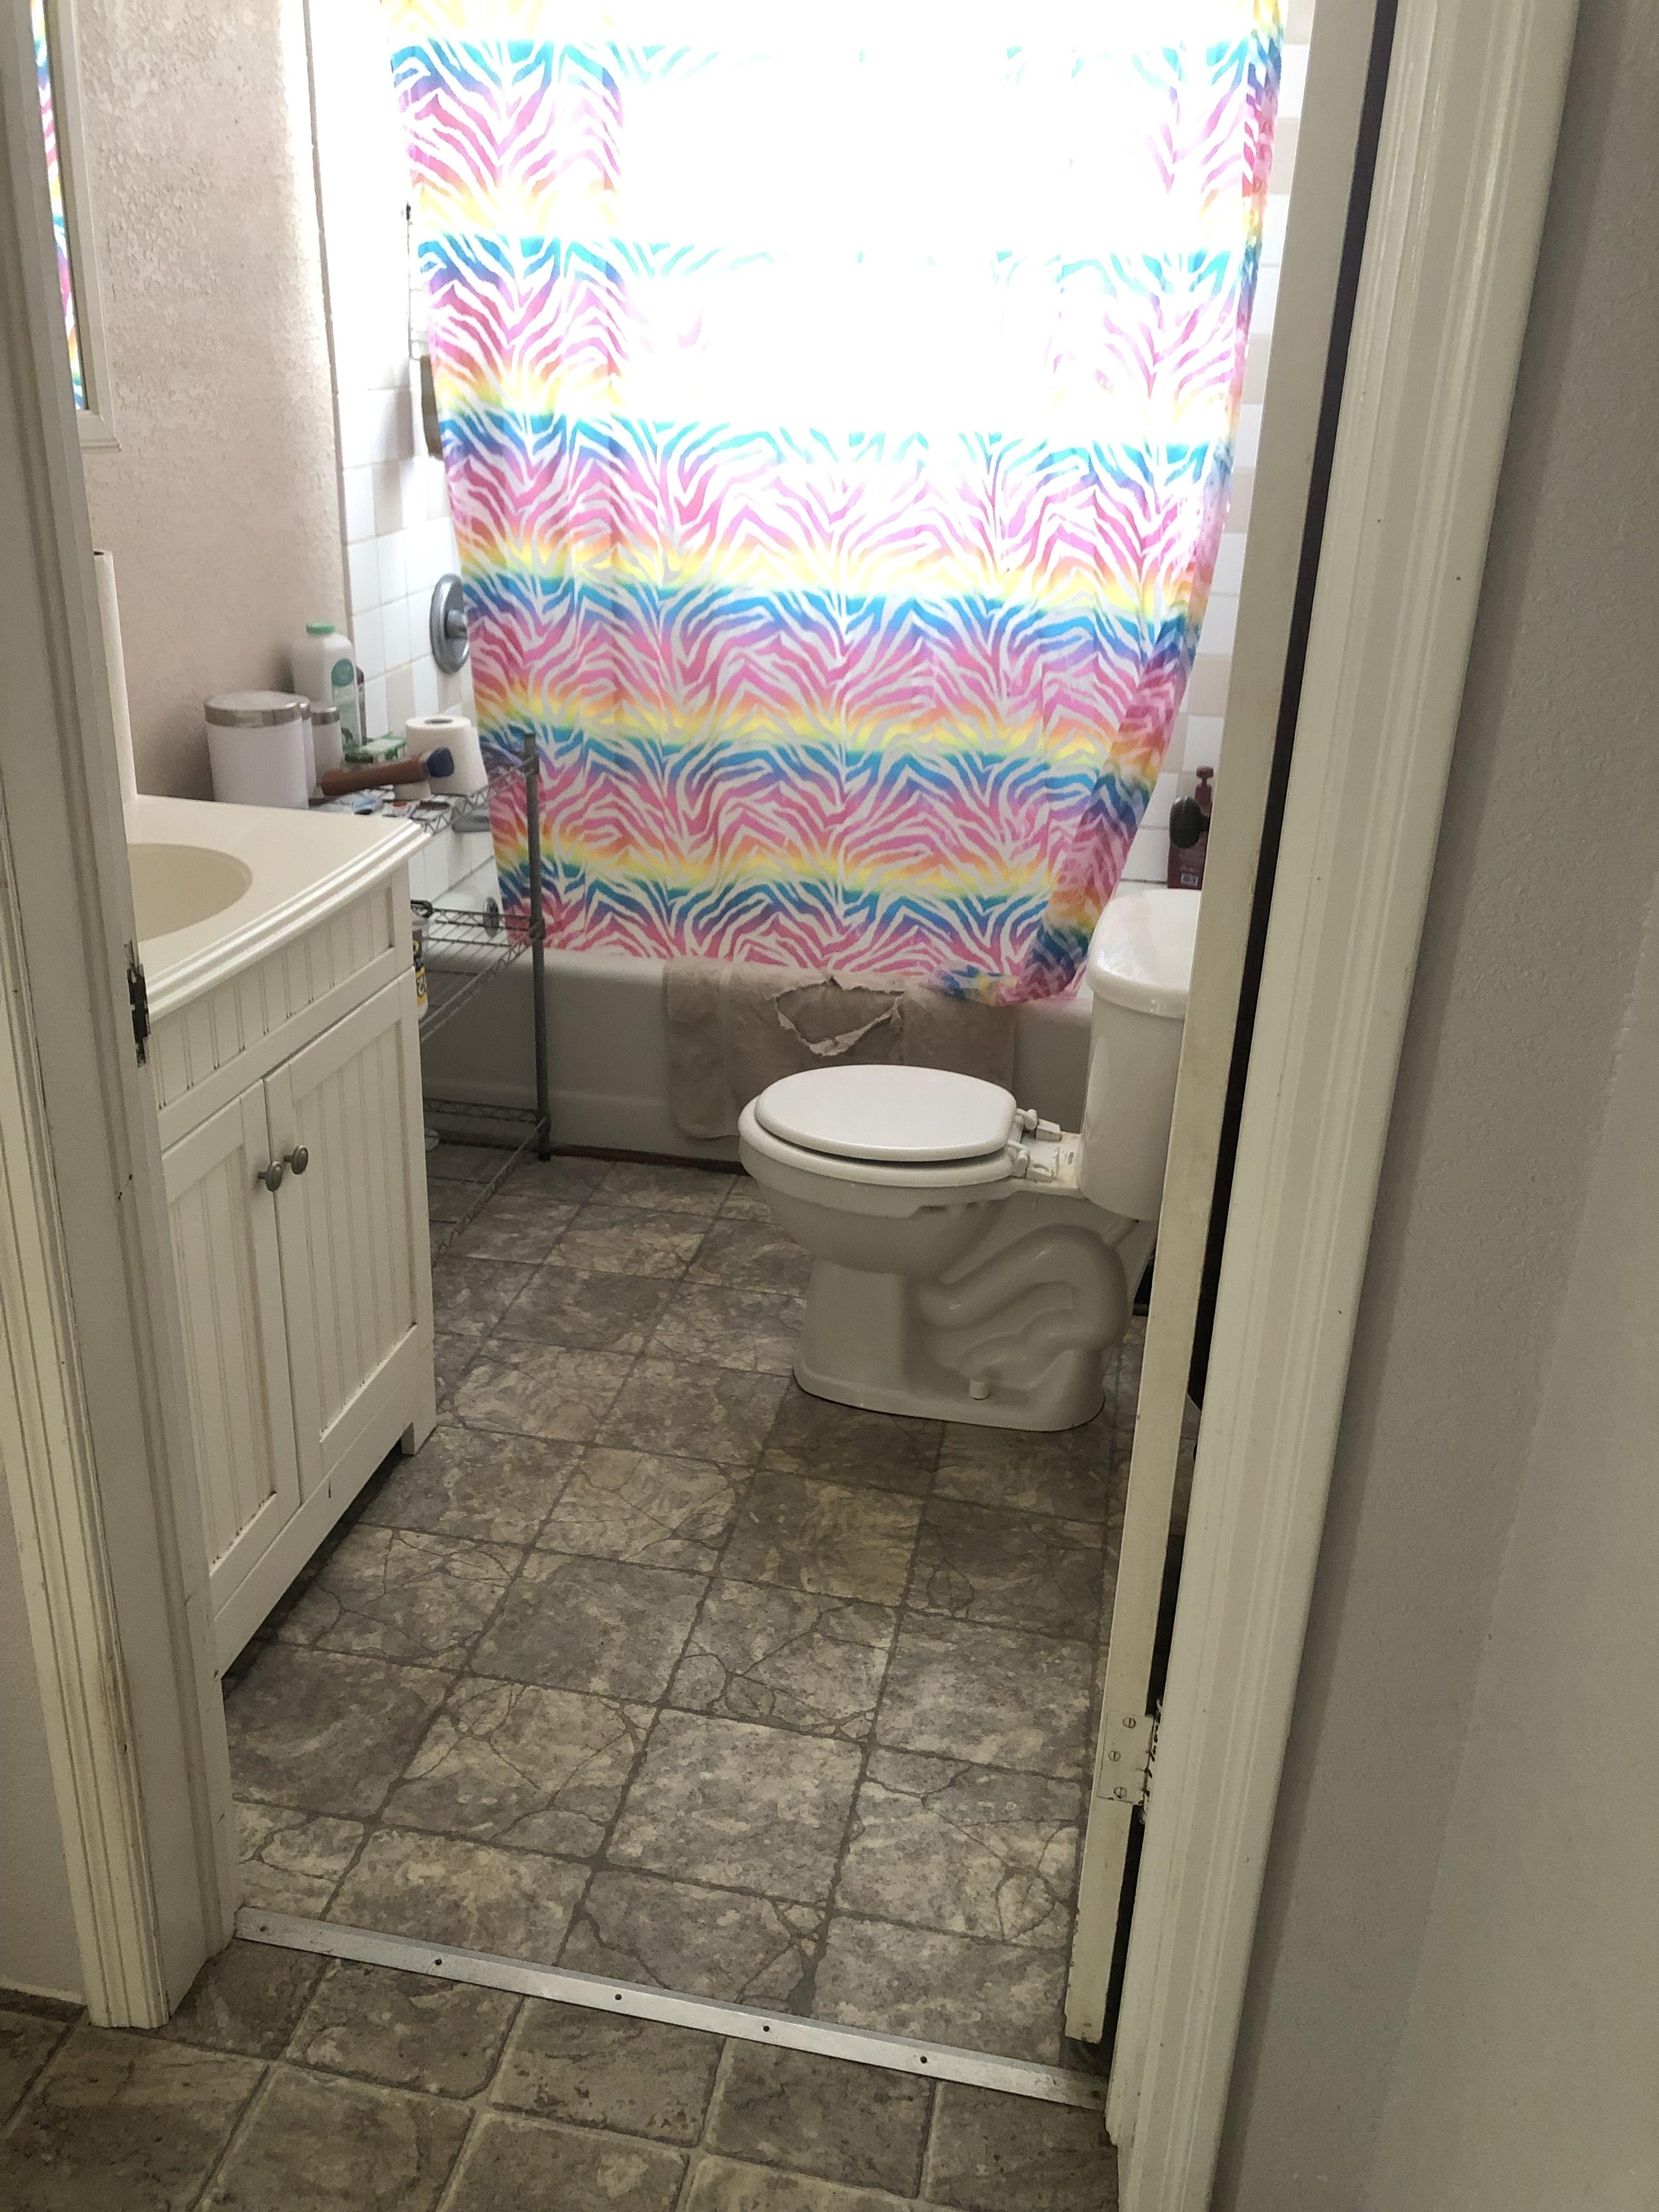 808_park_full_bathroom.jpg